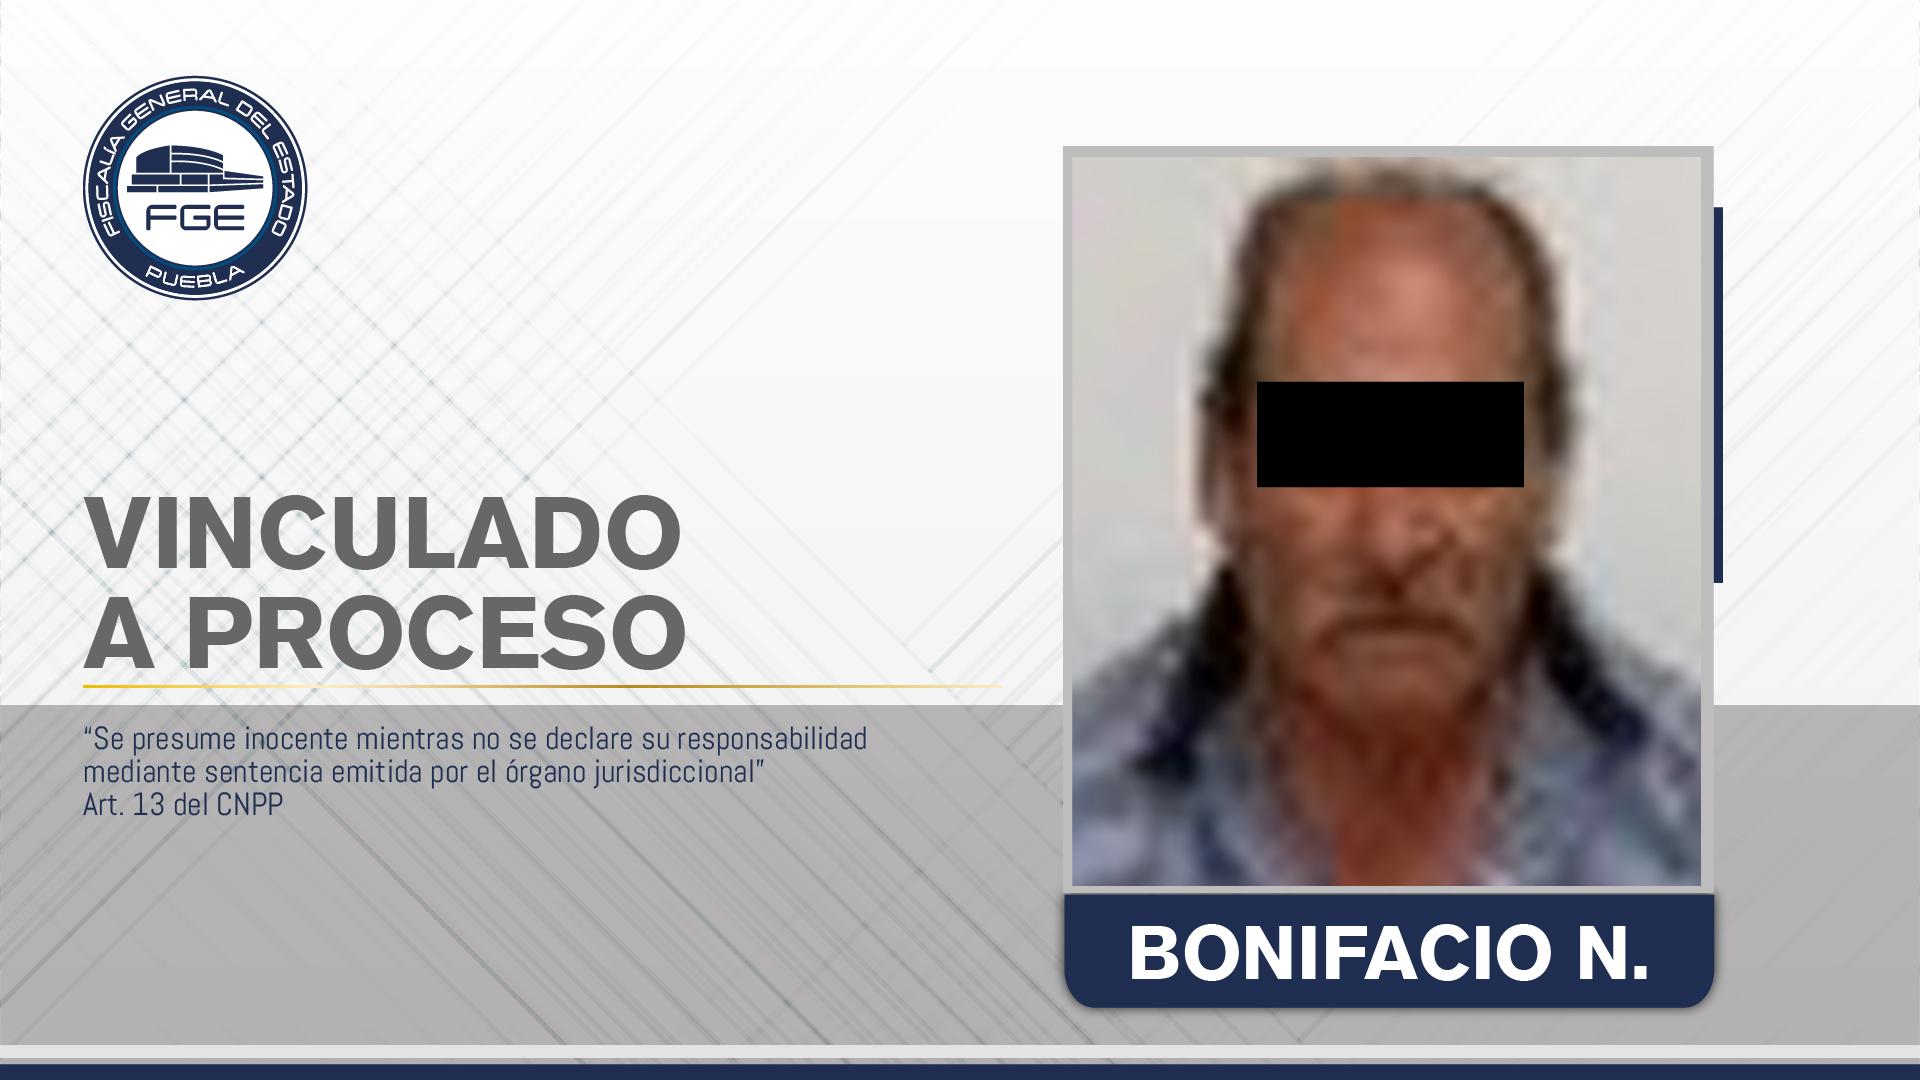 FGE obtiene prisión contra imputado por tentativa de feminicidio